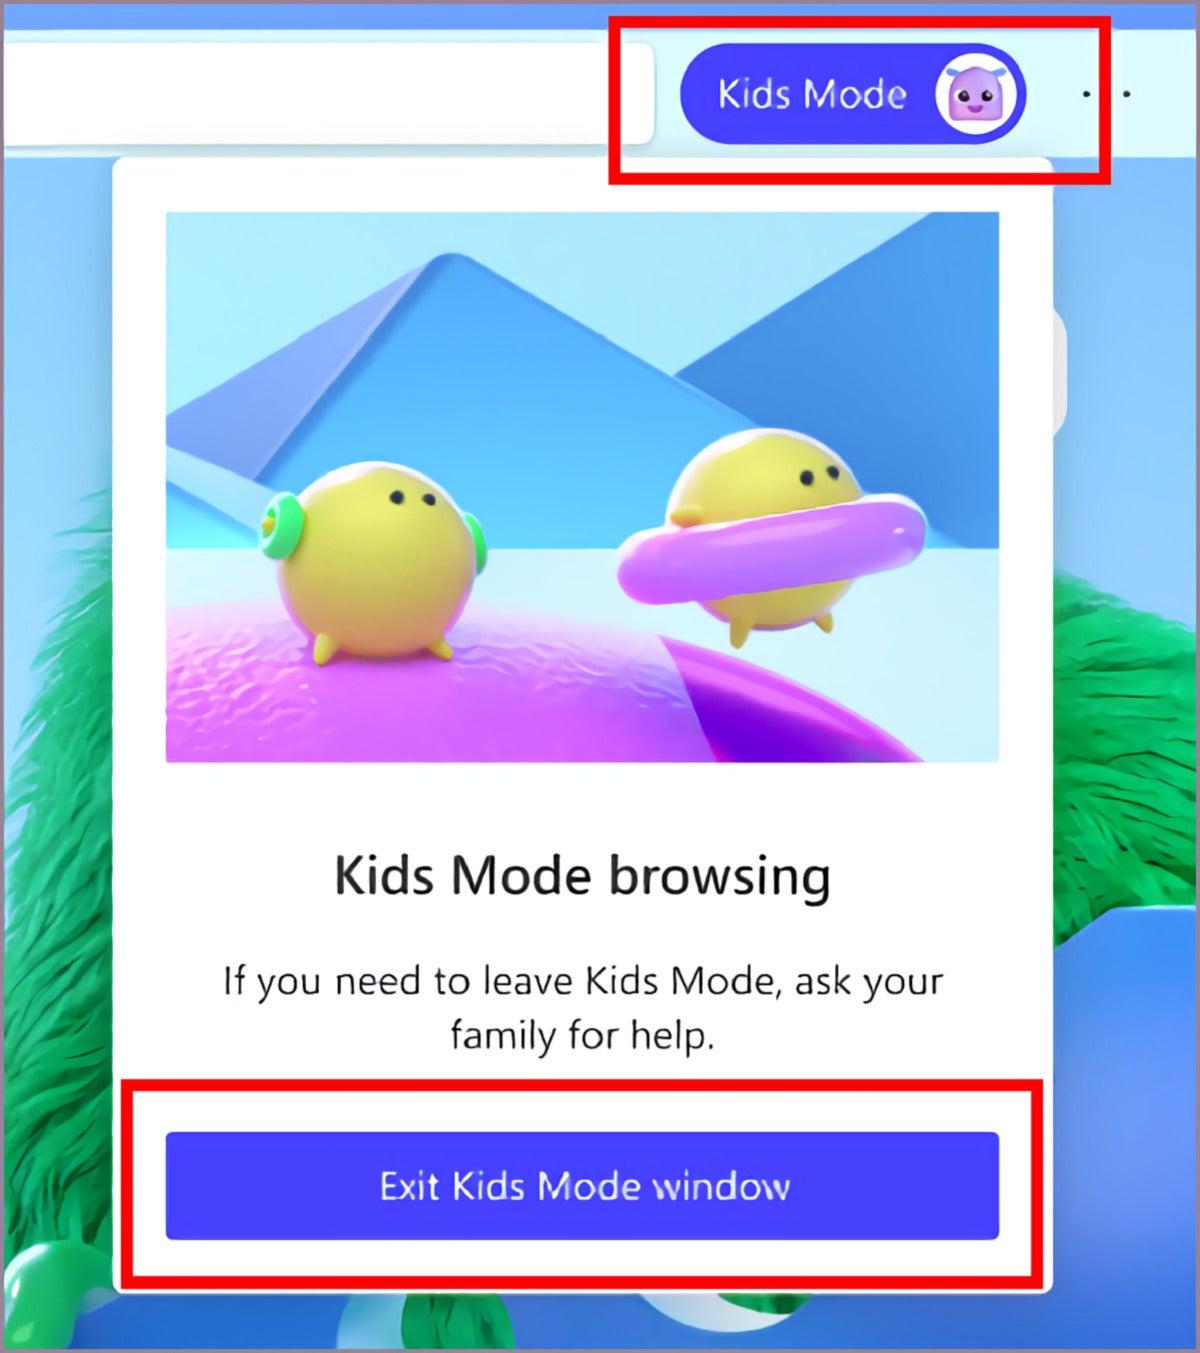 خروجی حالت کودک مایکروسافت edge